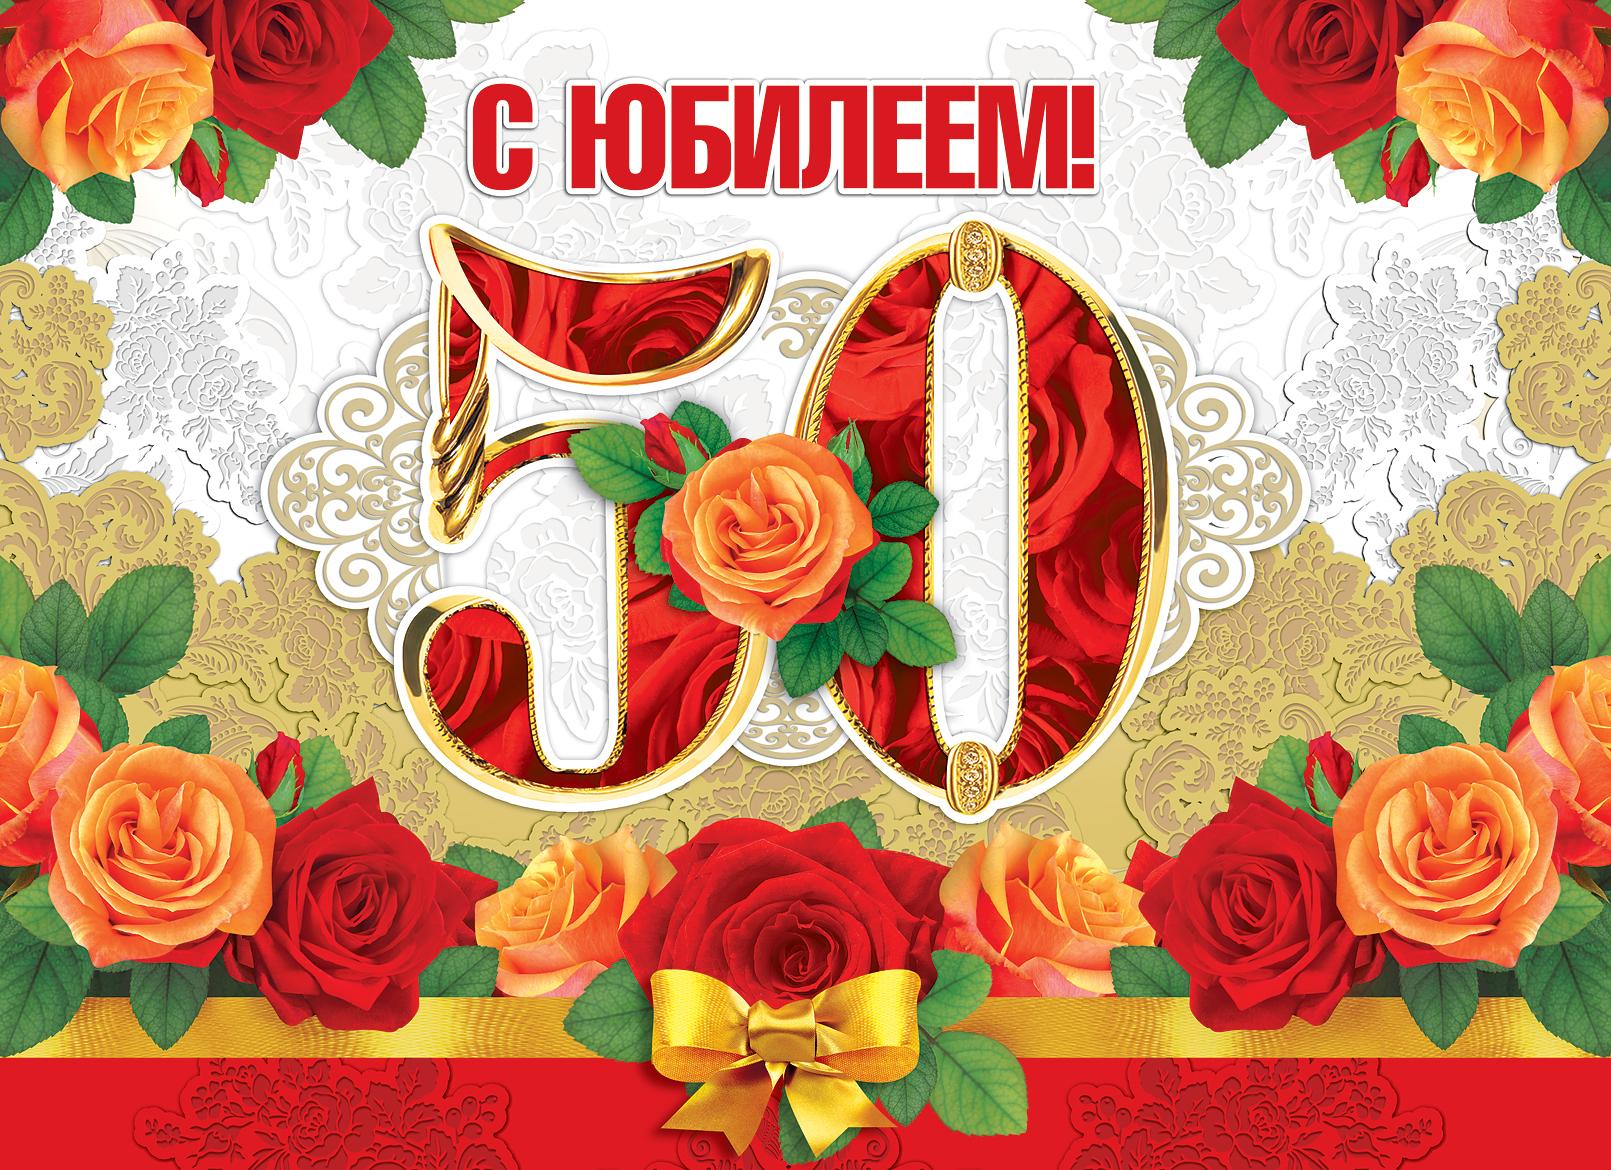 Мерцающая сирень - Открытки с цветами - Gif открытки